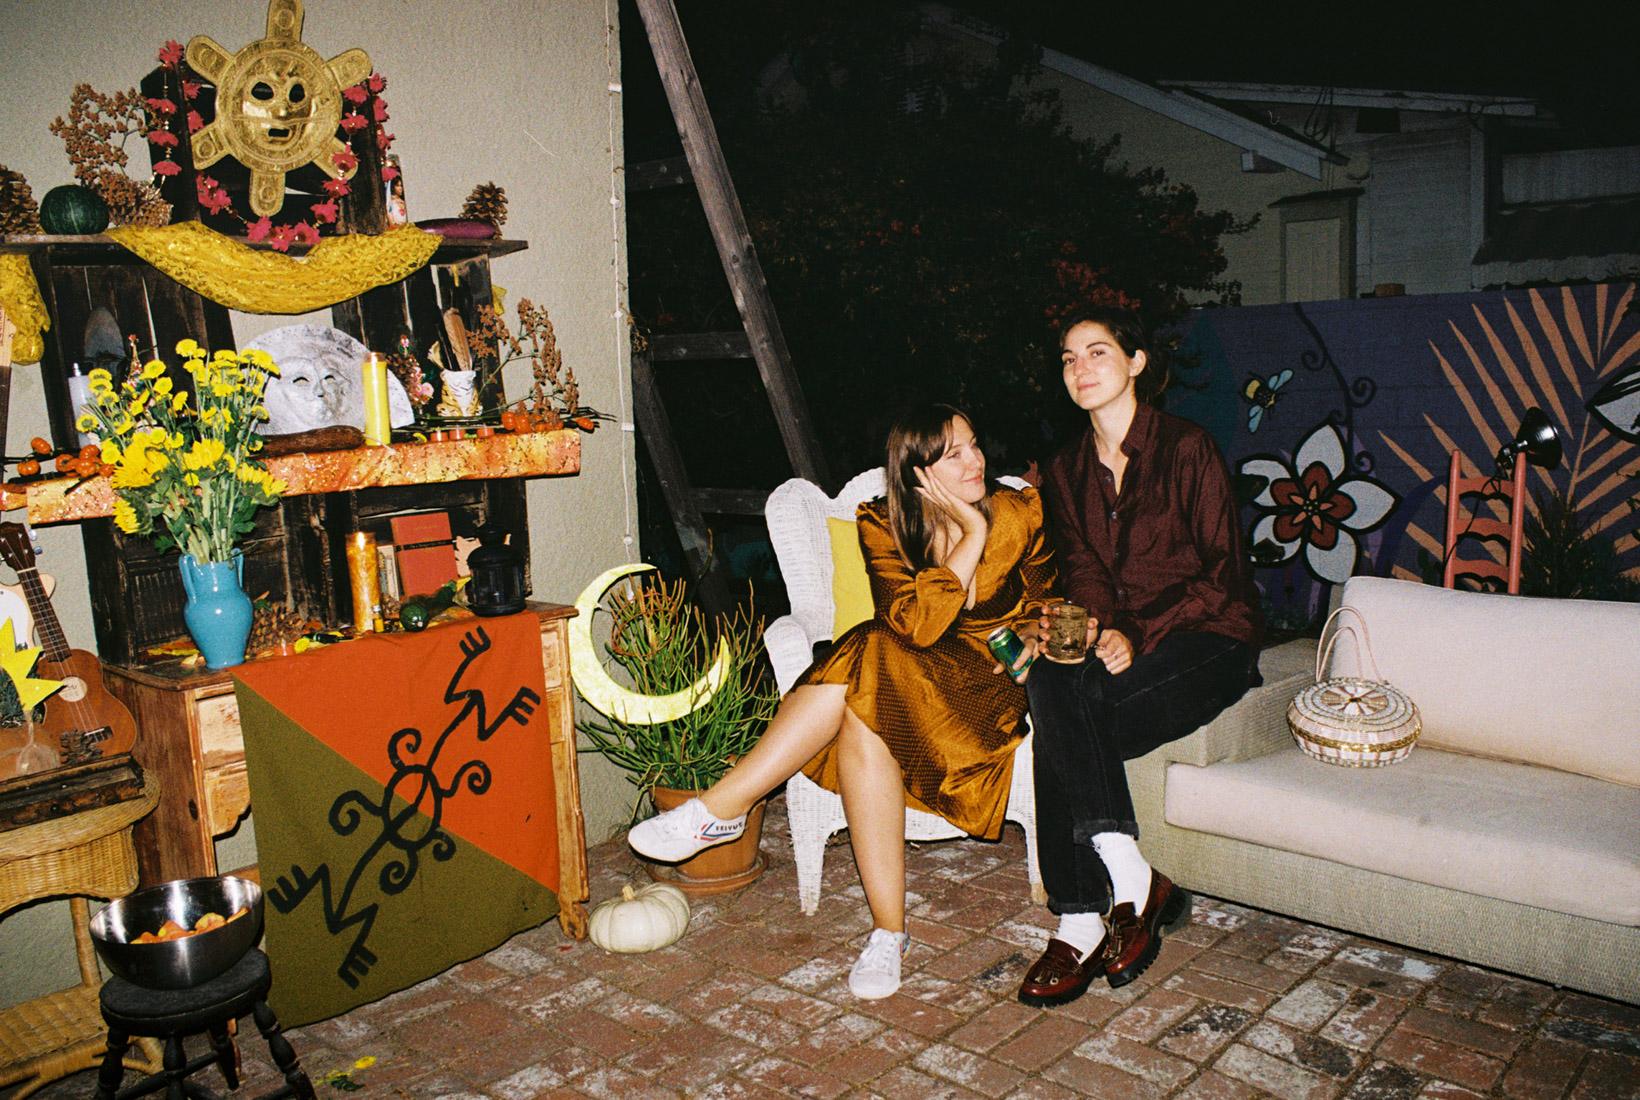 Mimi and V at Jarina's Solstice gathering